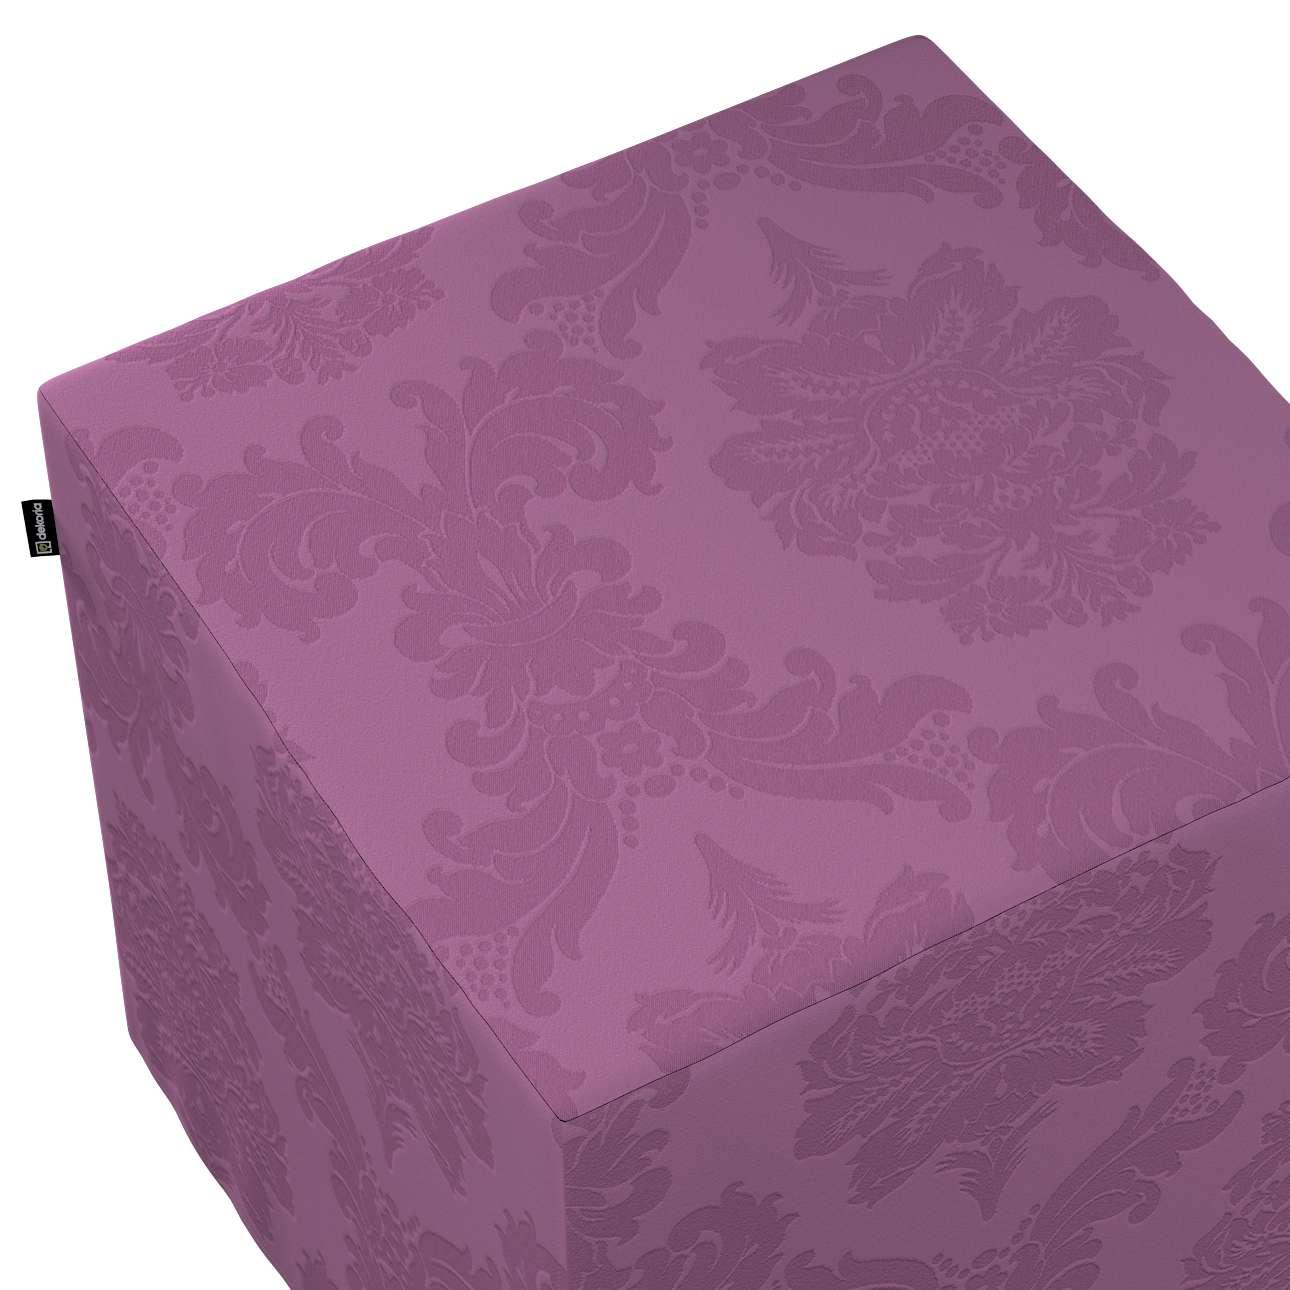 Pokrowiec na pufę kostkę w kolekcji Damasco, tkanina: 613-75